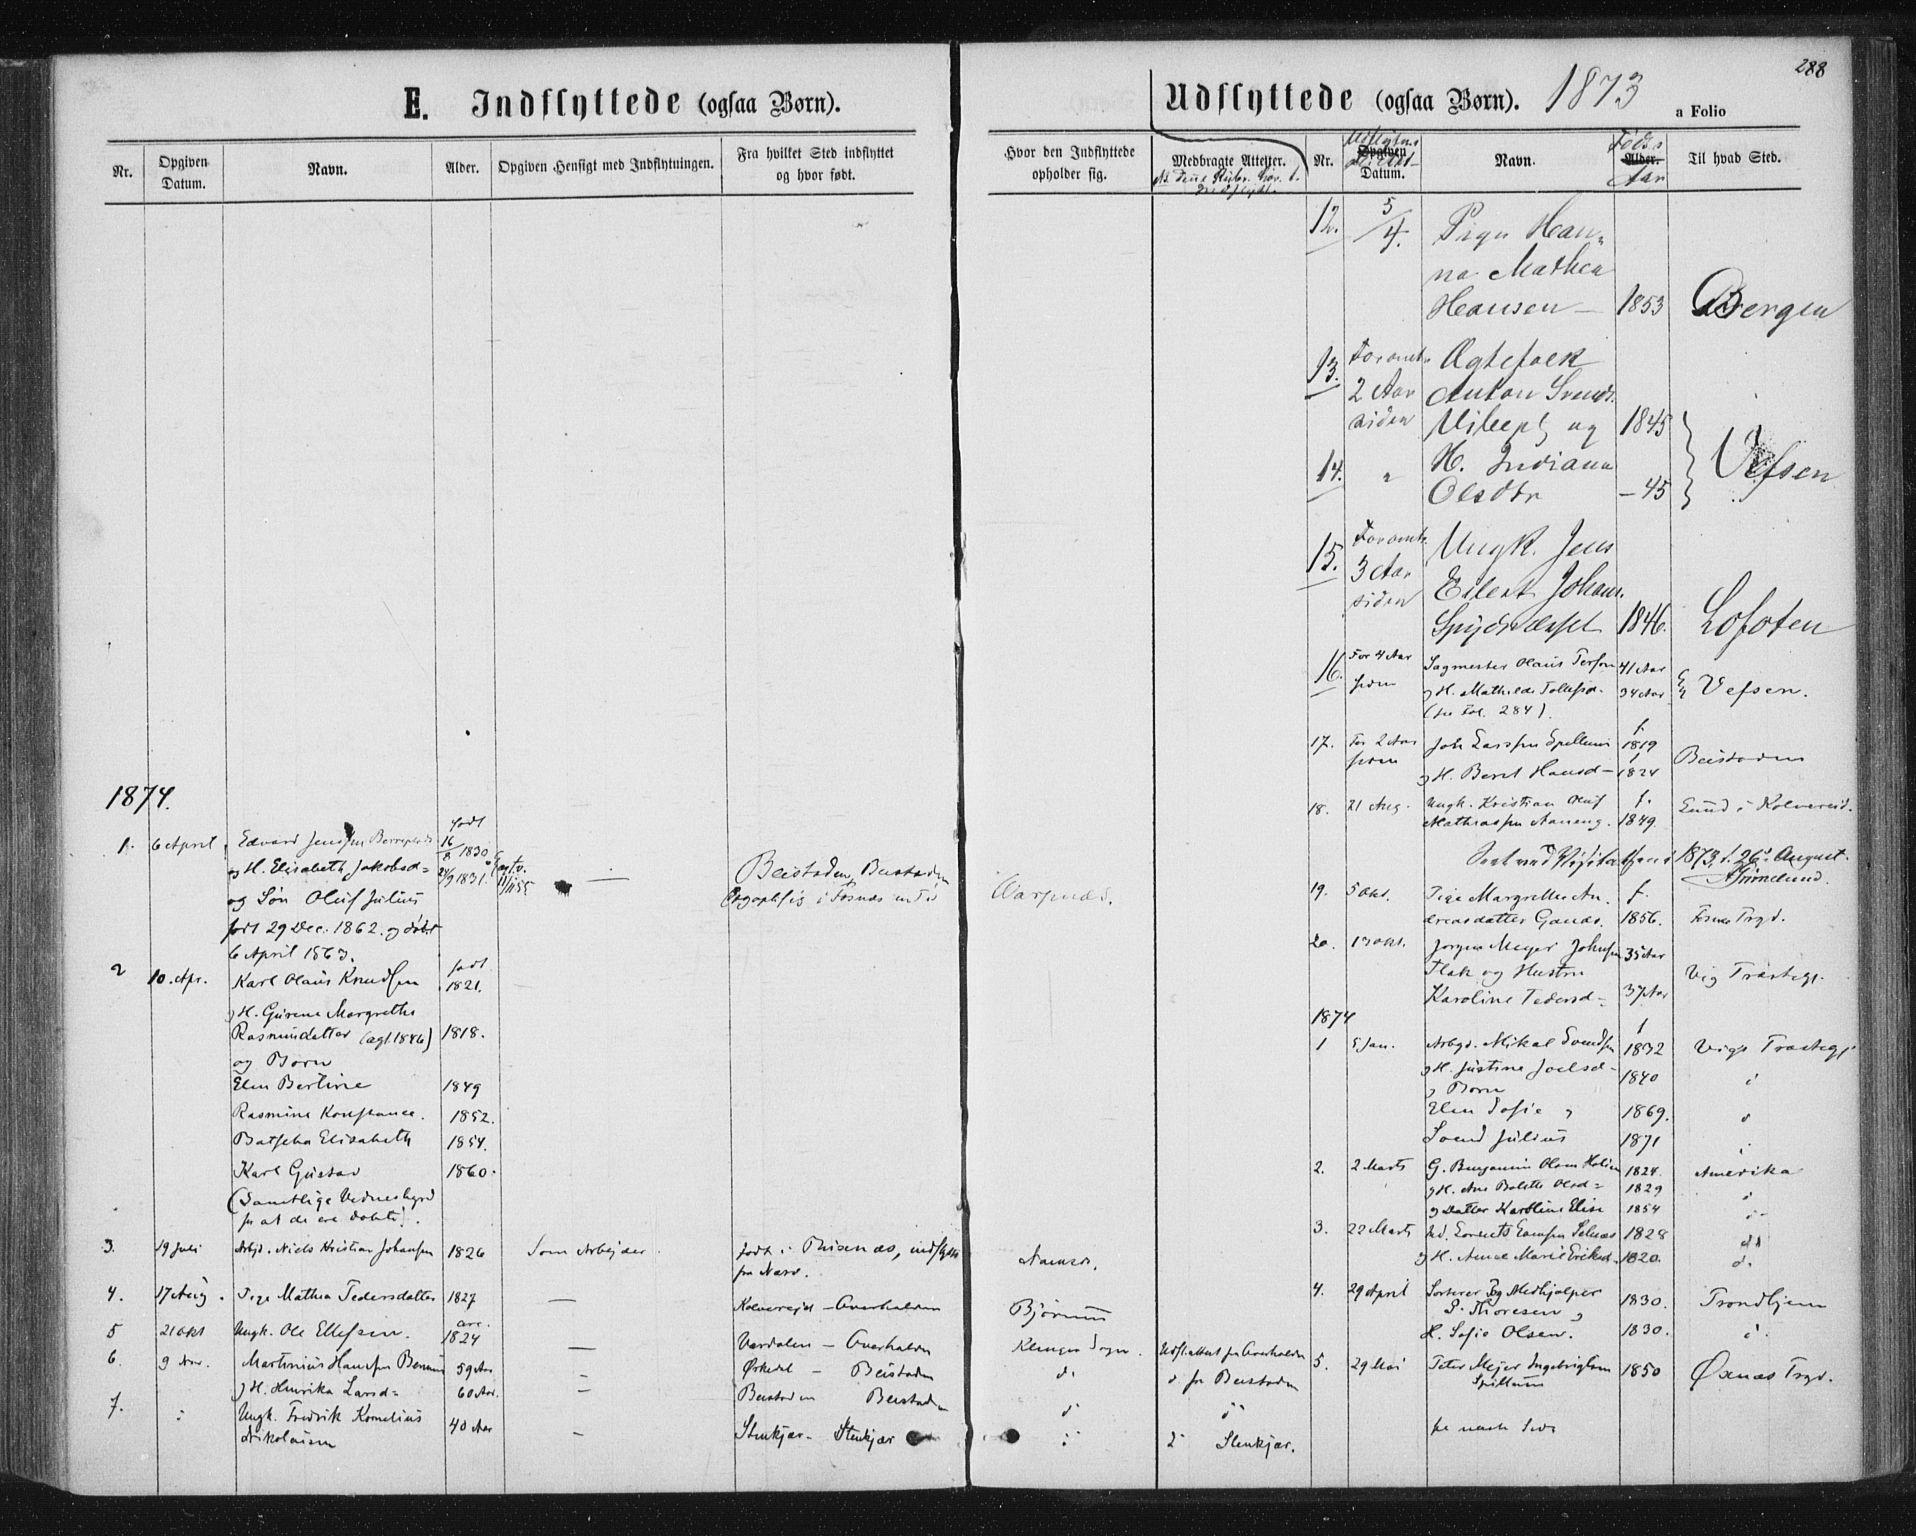 SAT, Ministerialprotokoller, klokkerbøker og fødselsregistre - Nord-Trøndelag, 768/L0570: Ministerialbok nr. 768A05, 1865-1874, s. 288